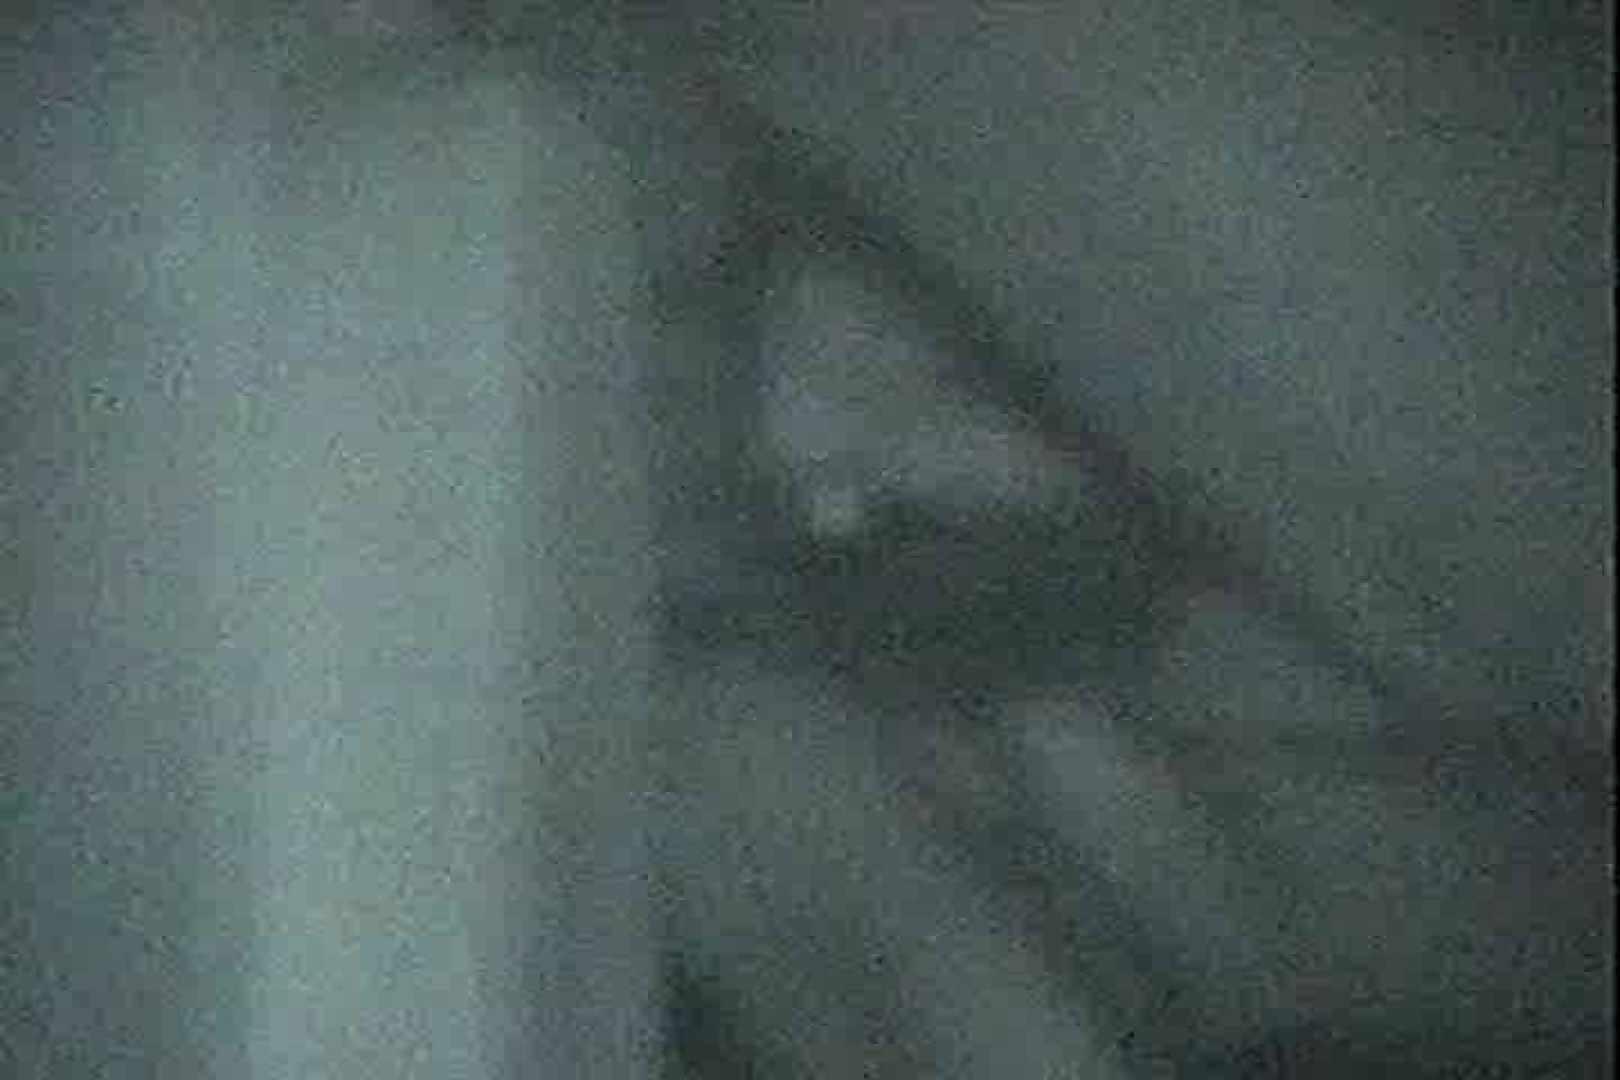 充血監督の深夜の運動会Vol.41 カップルのセックス  103PIX 96